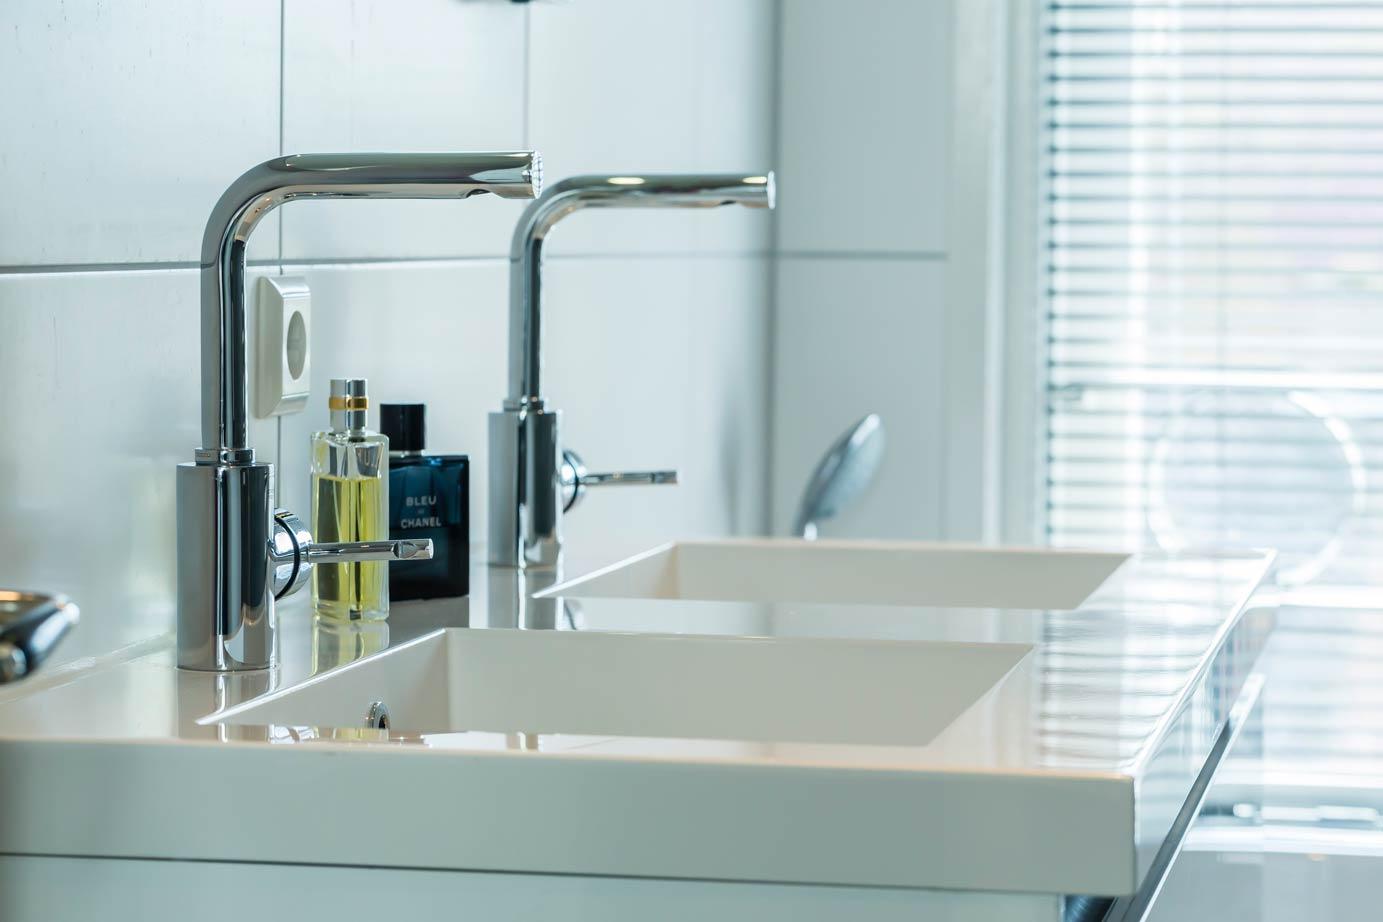 Complete Badkamer Utrecht : Een keuken en badkamer kopen in utrecht lees klantervaringen arma